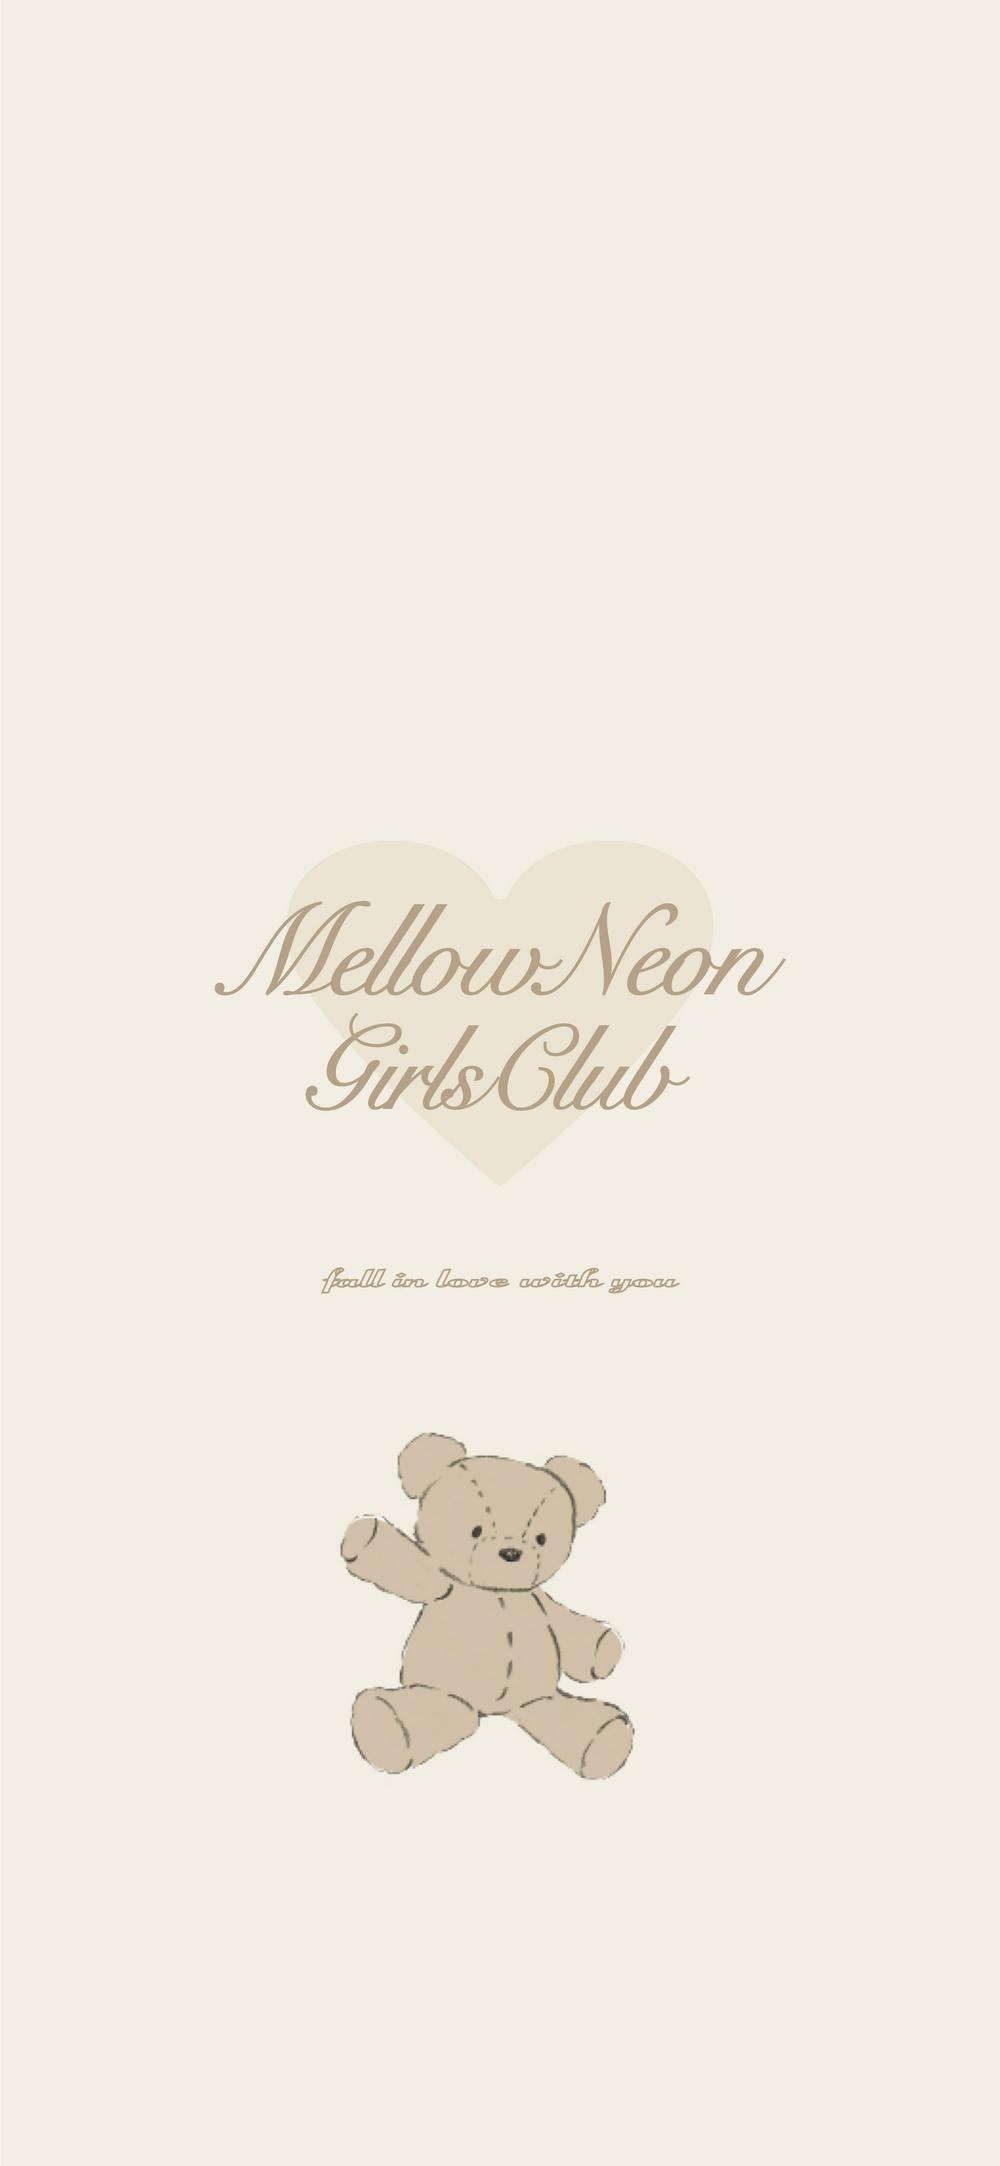 限定配信 Mellow Neon オリジナルスマホ用壁紙画像プレゼント Patra Magazine パトラ マガジン